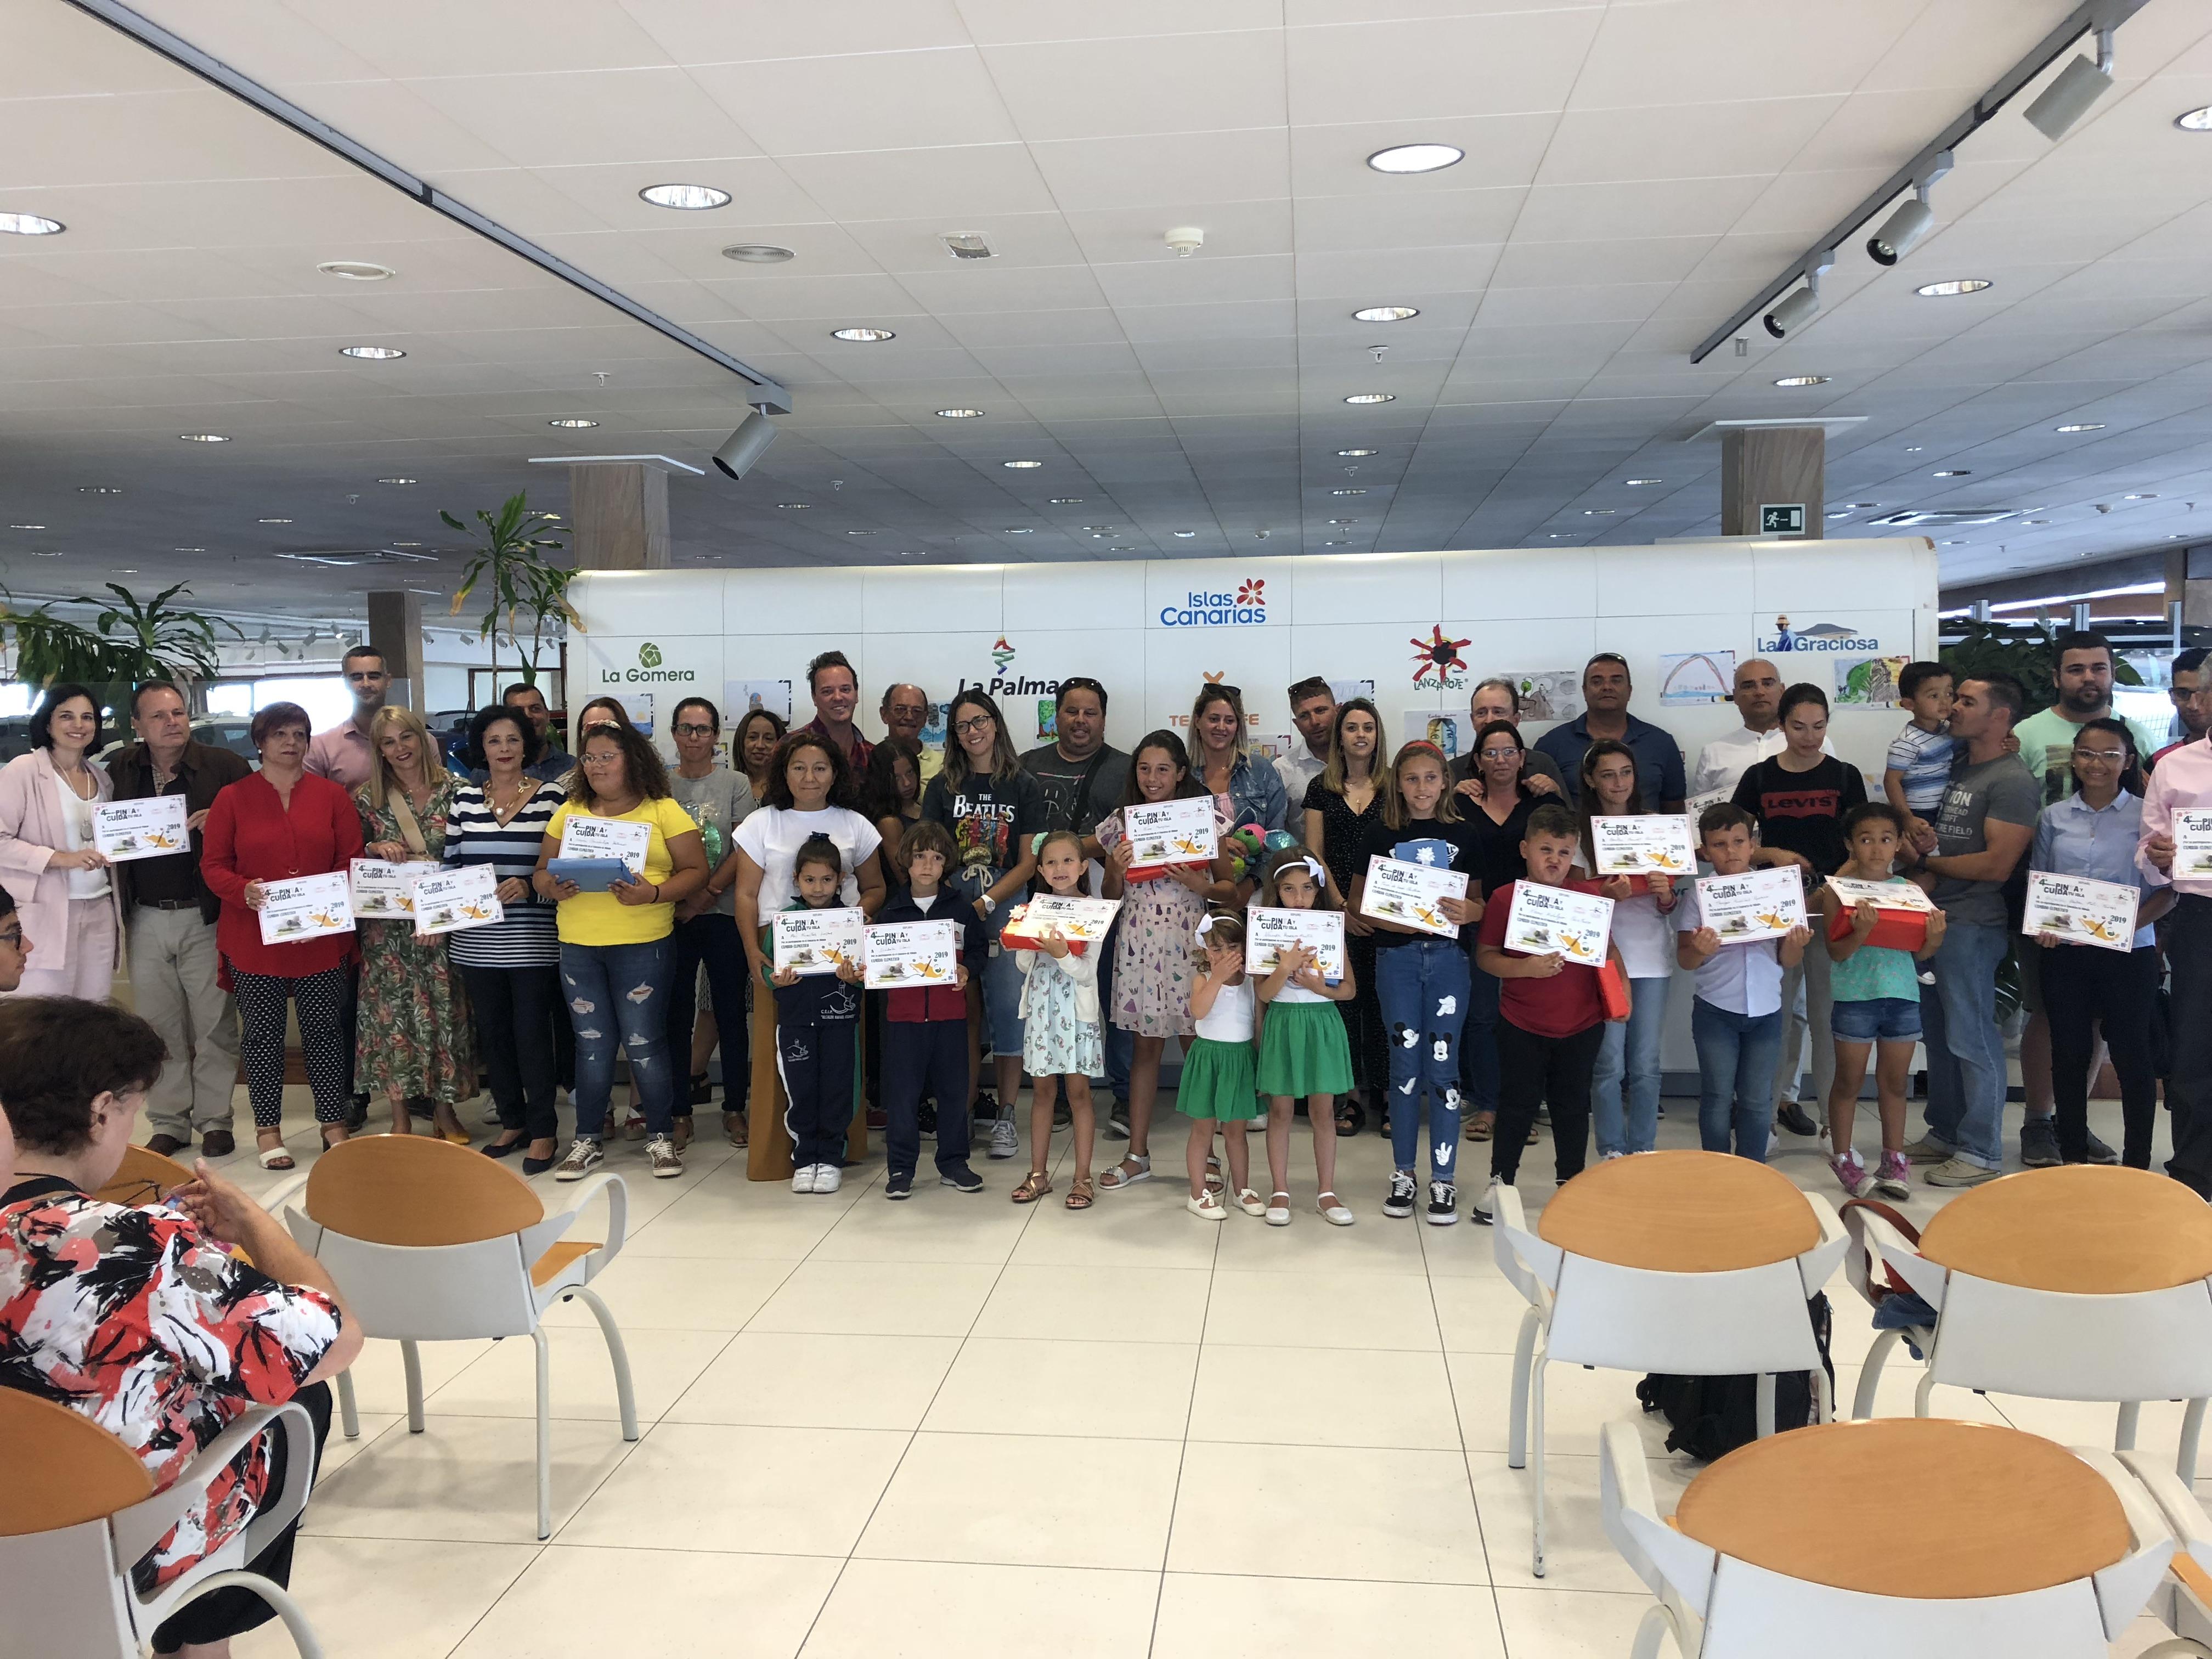 Entregados los premios de Lanzarote y La Graciosa del concurso de dibujo infantil 'Pinta y cuida tu isla'